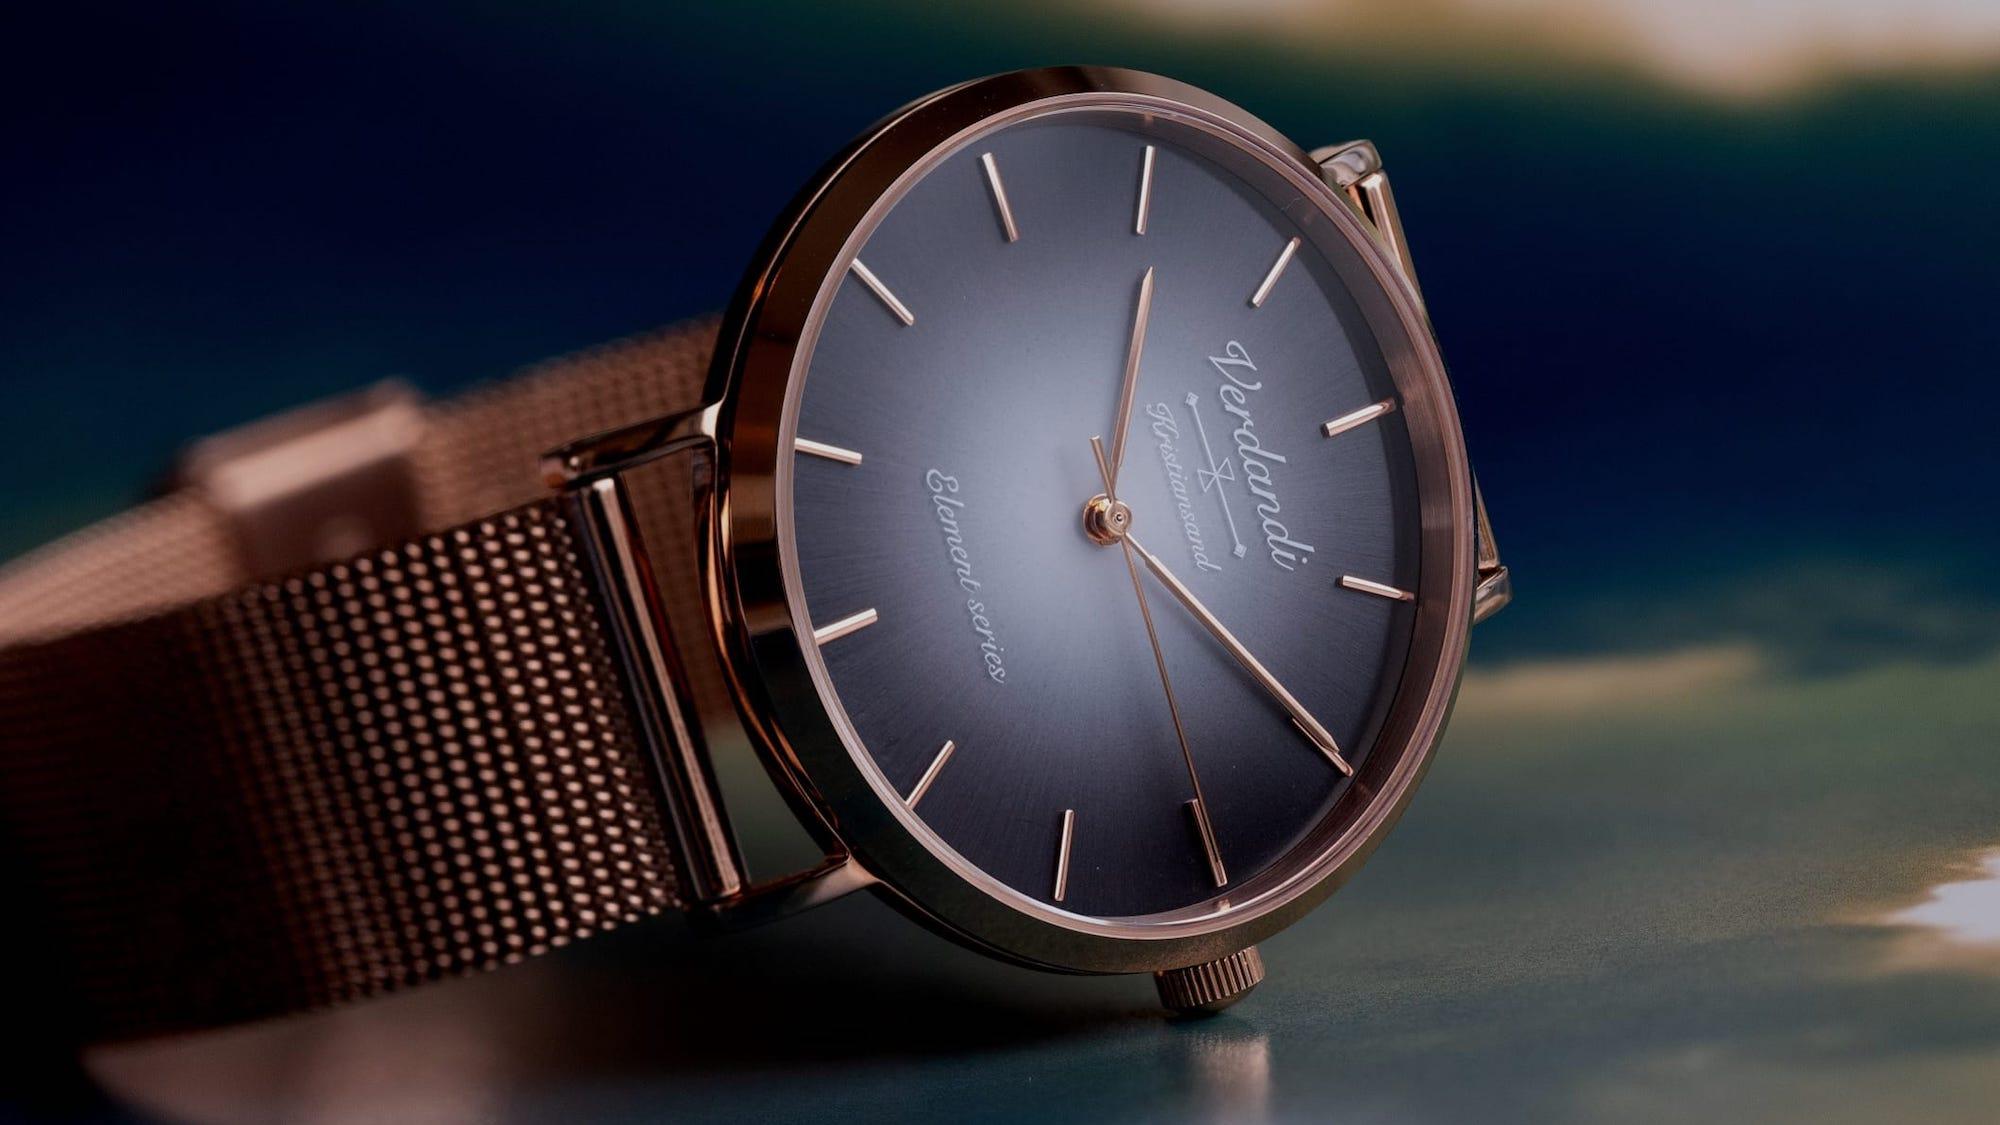 Verdandi Solar-Powered Watches